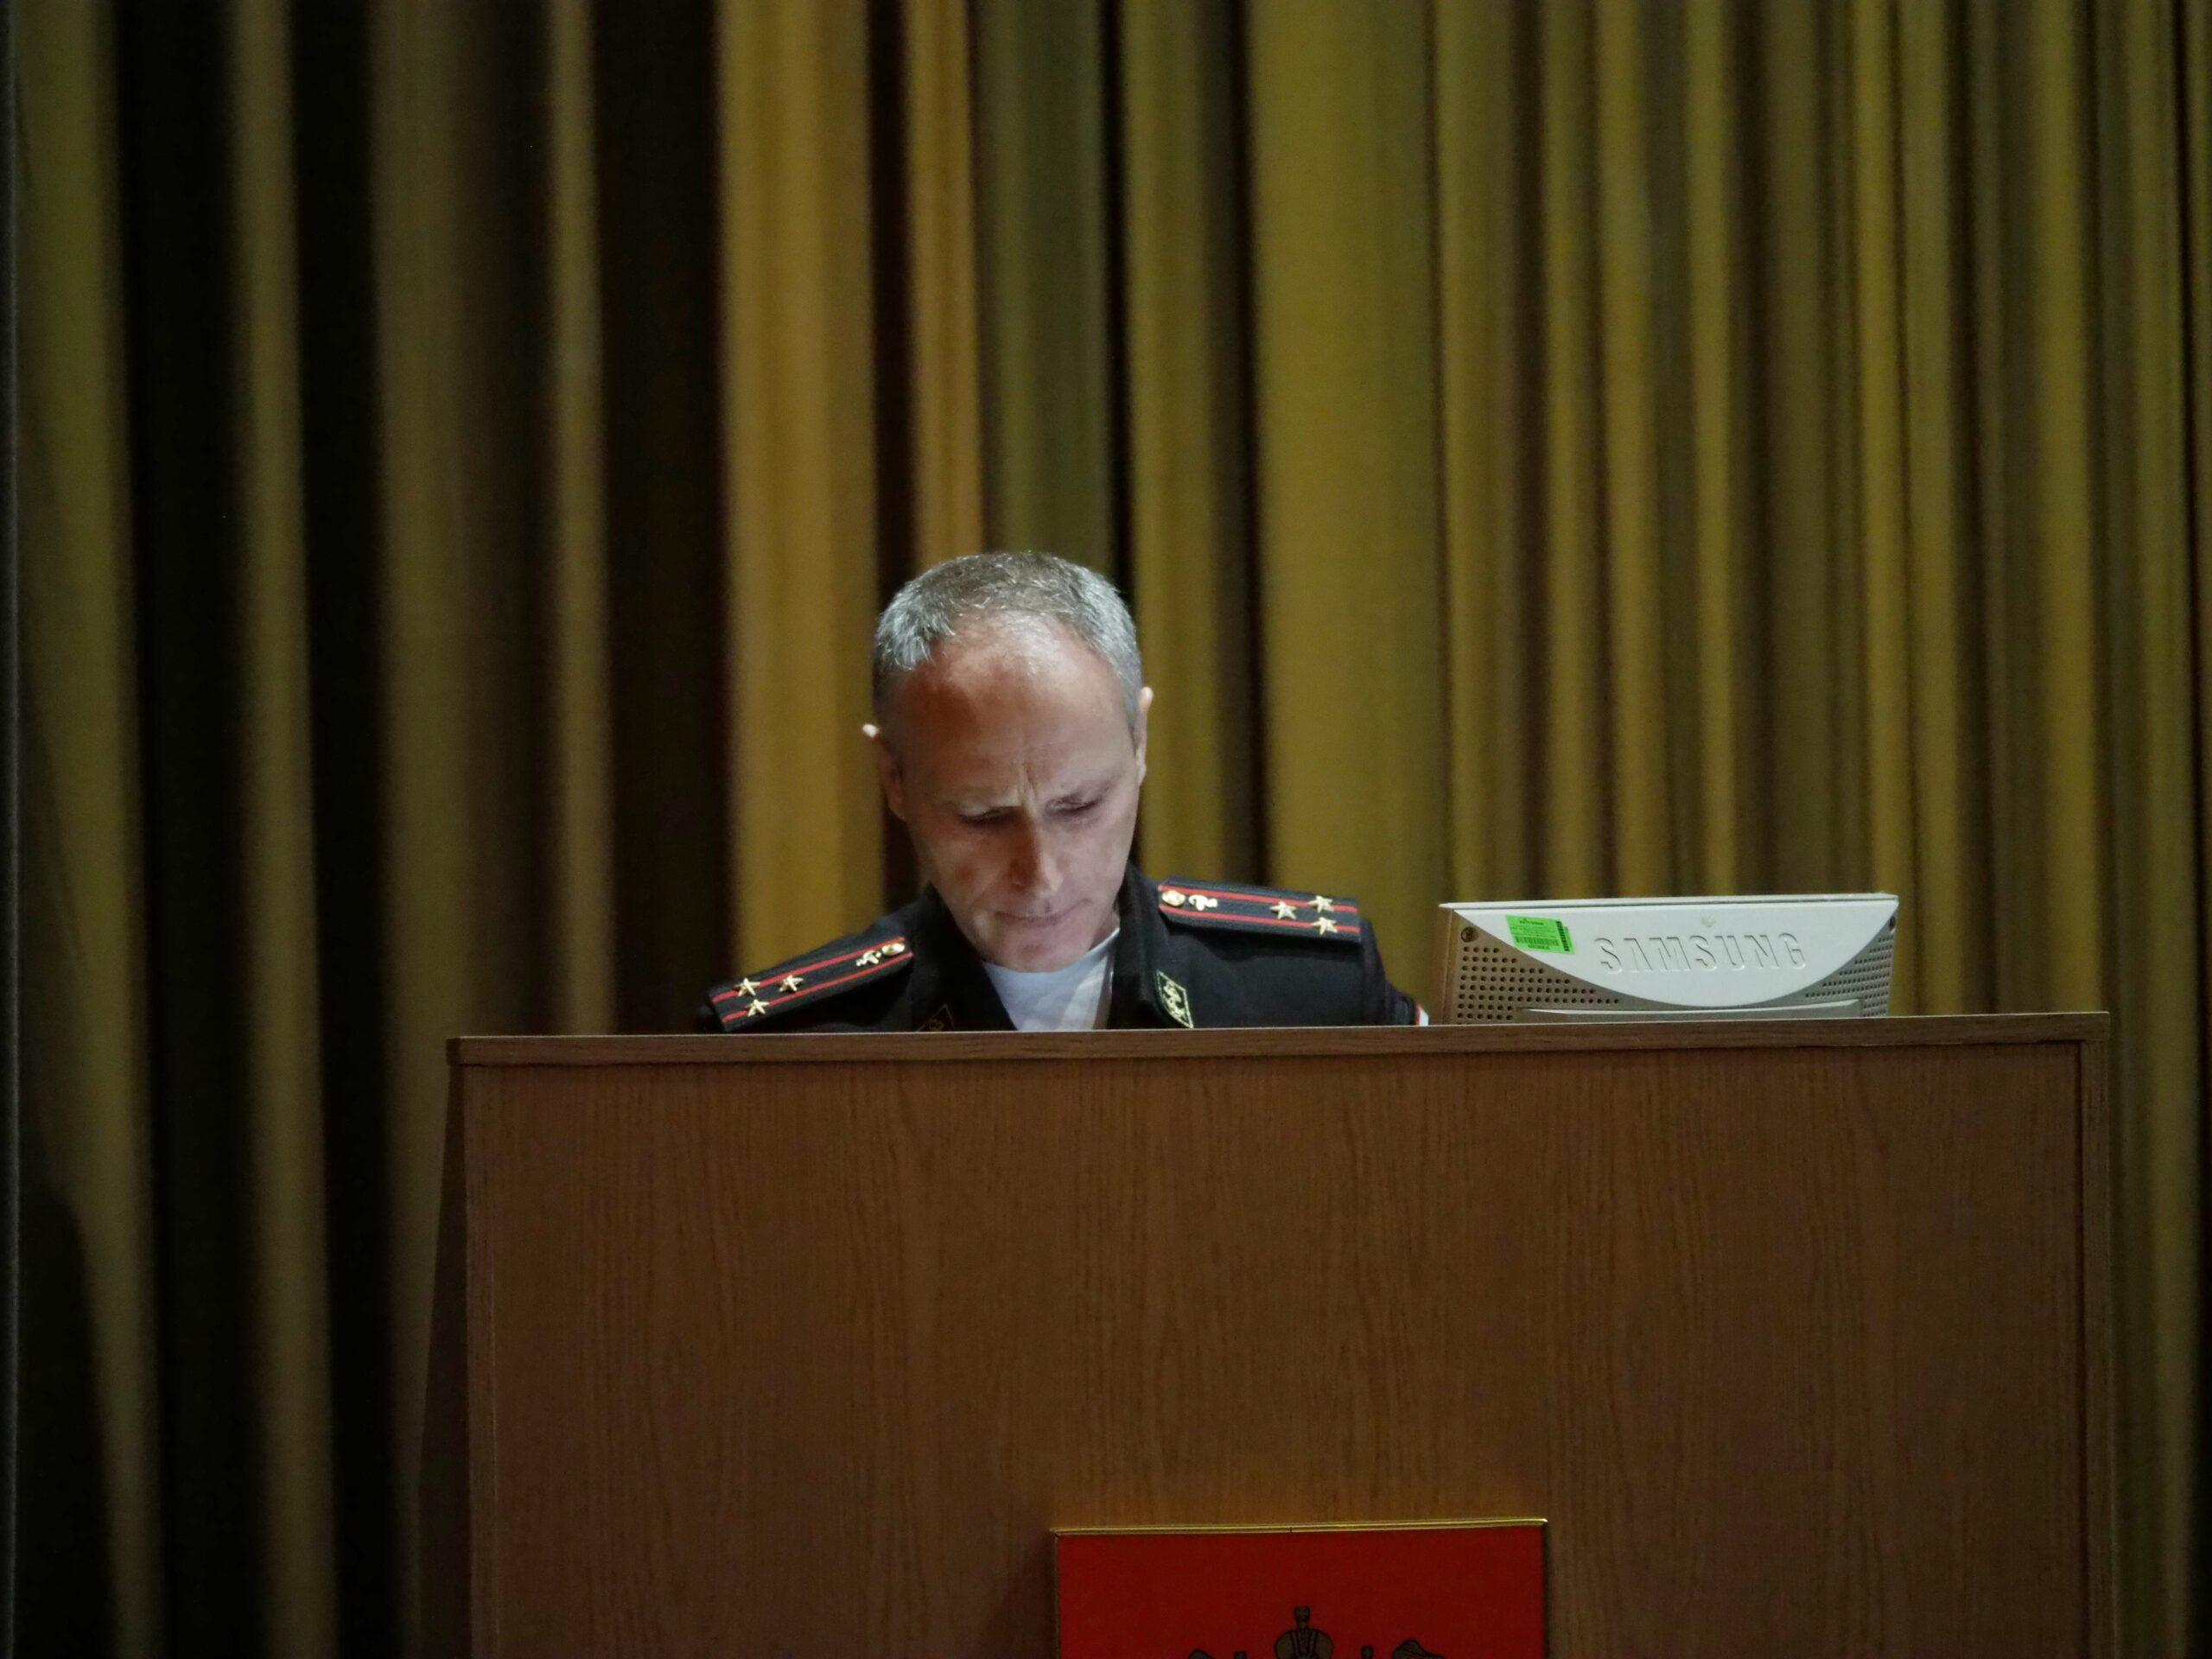 Главный санитарный врач Министерства обороны Российской Федерации выступил с лекцией перед специалистами и курсантами Военно-медицинской академии